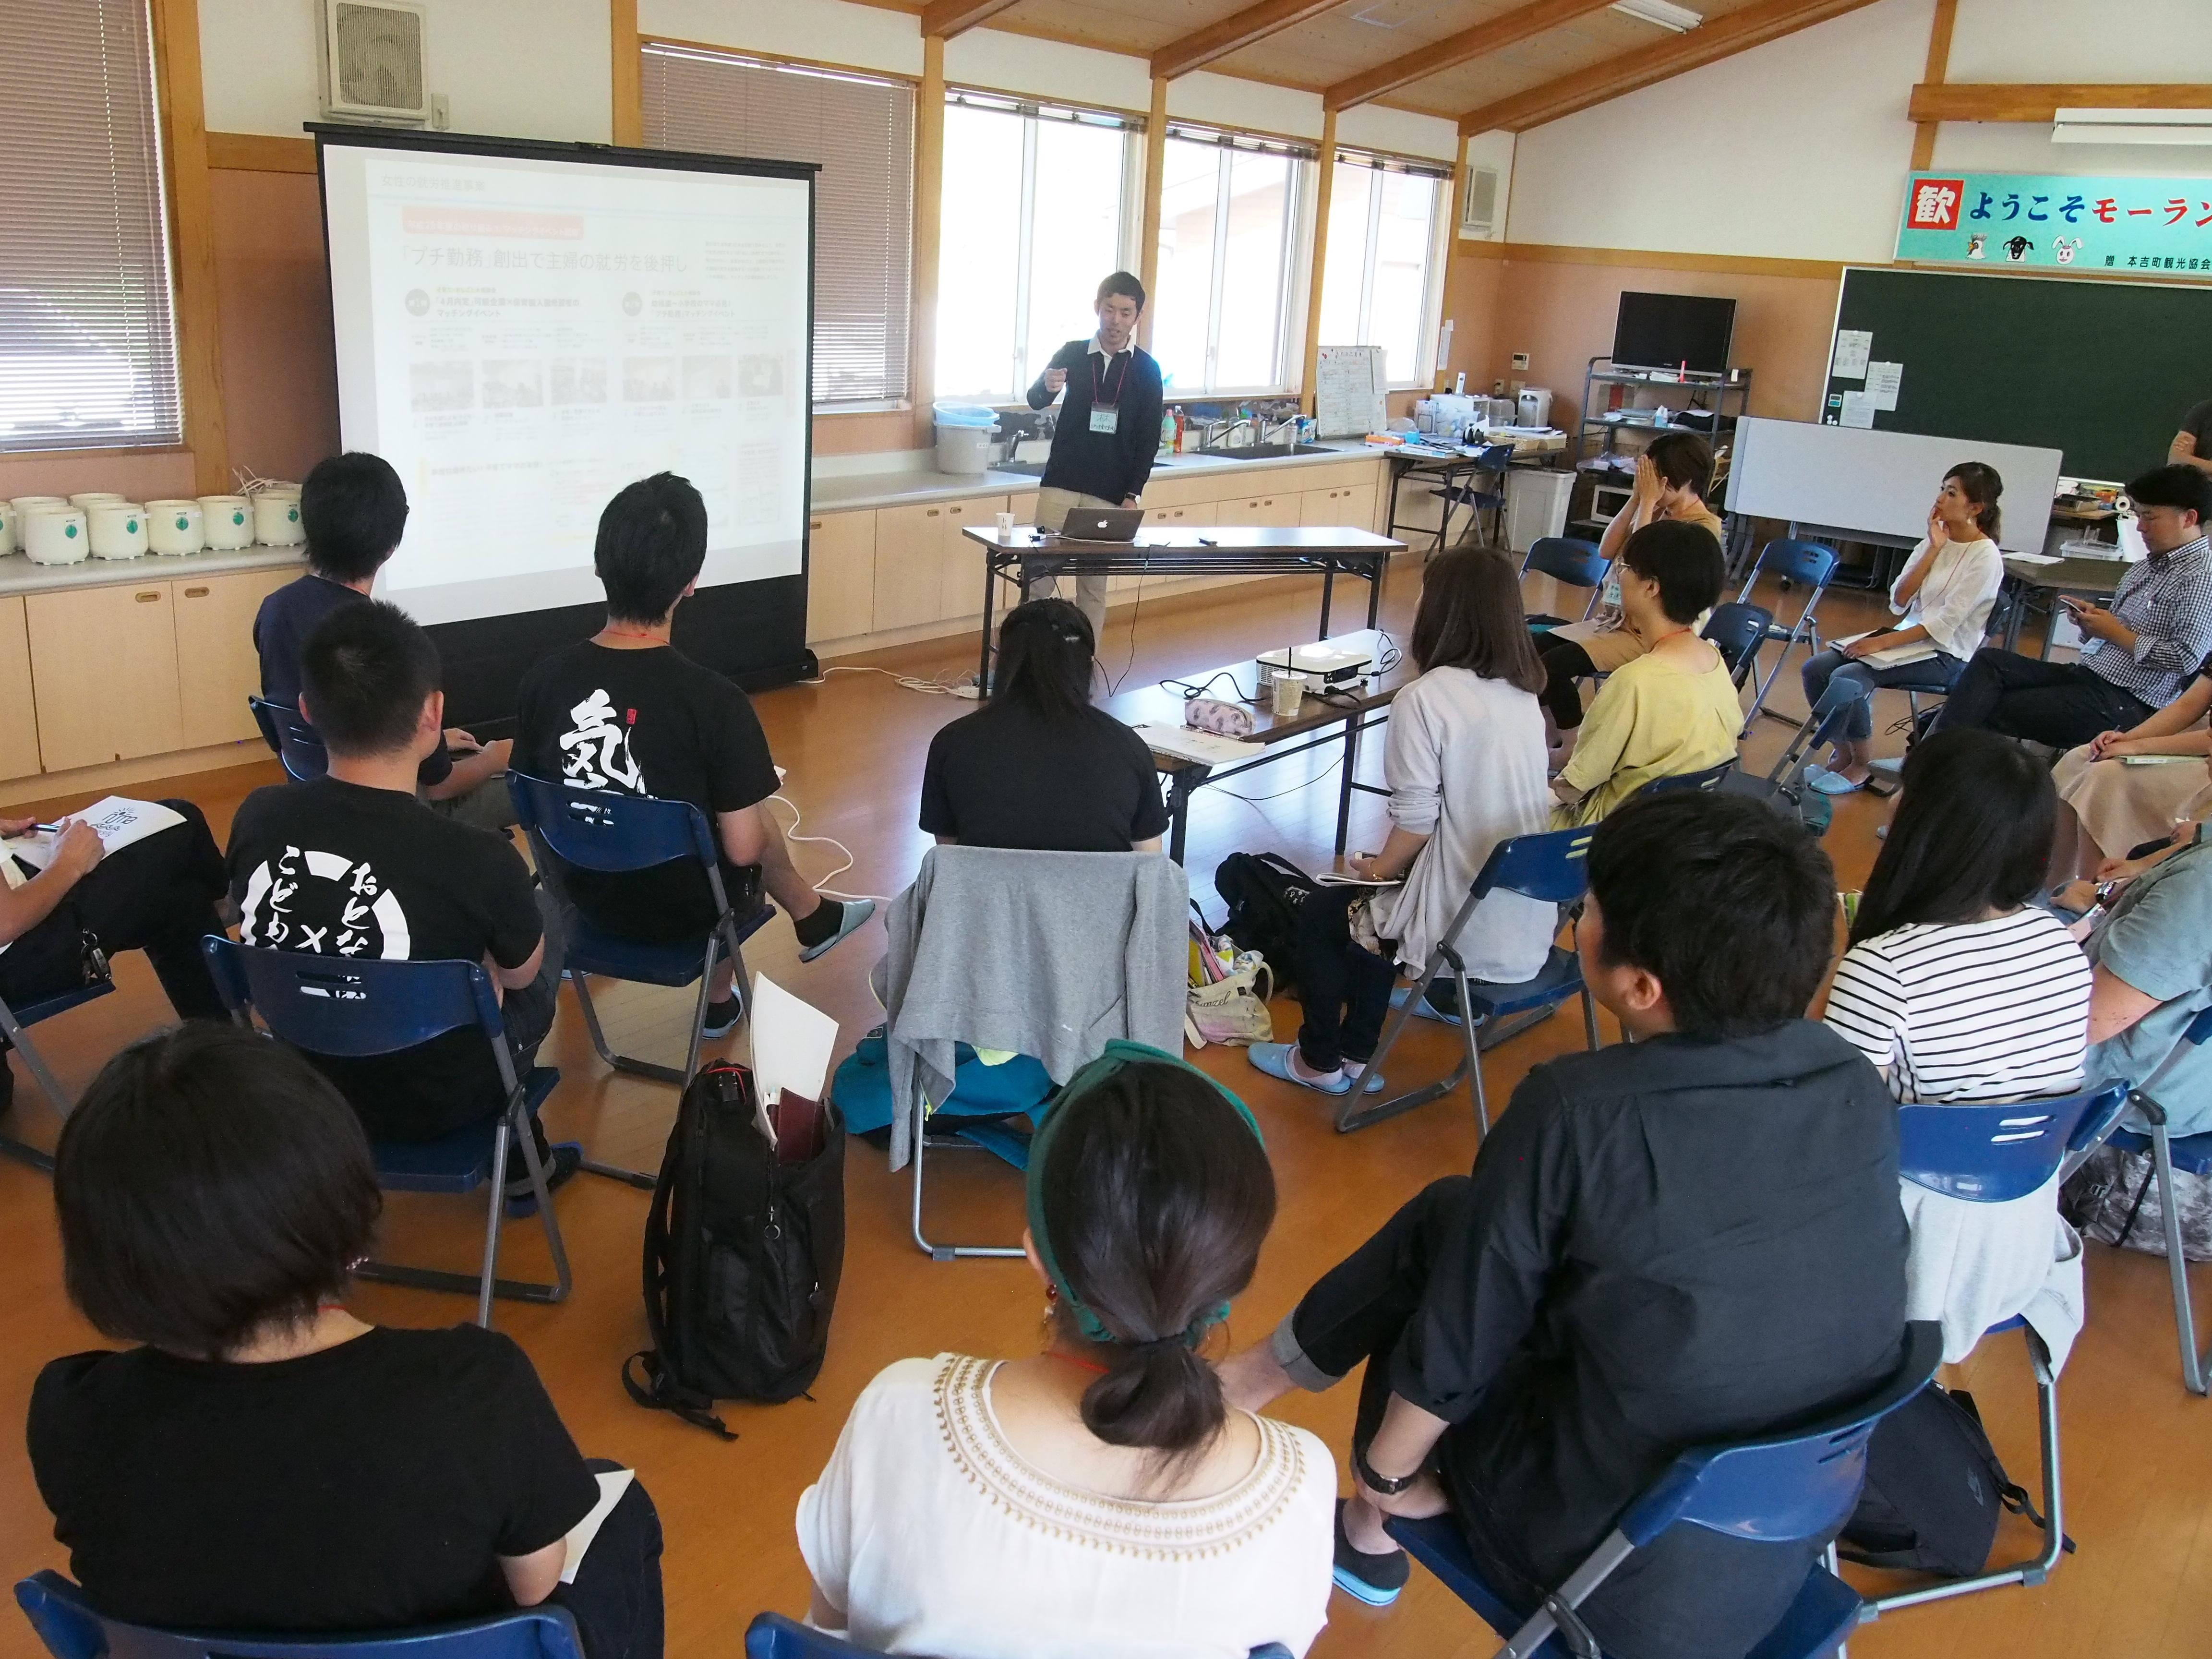 ぬま大学第3期 vol.4